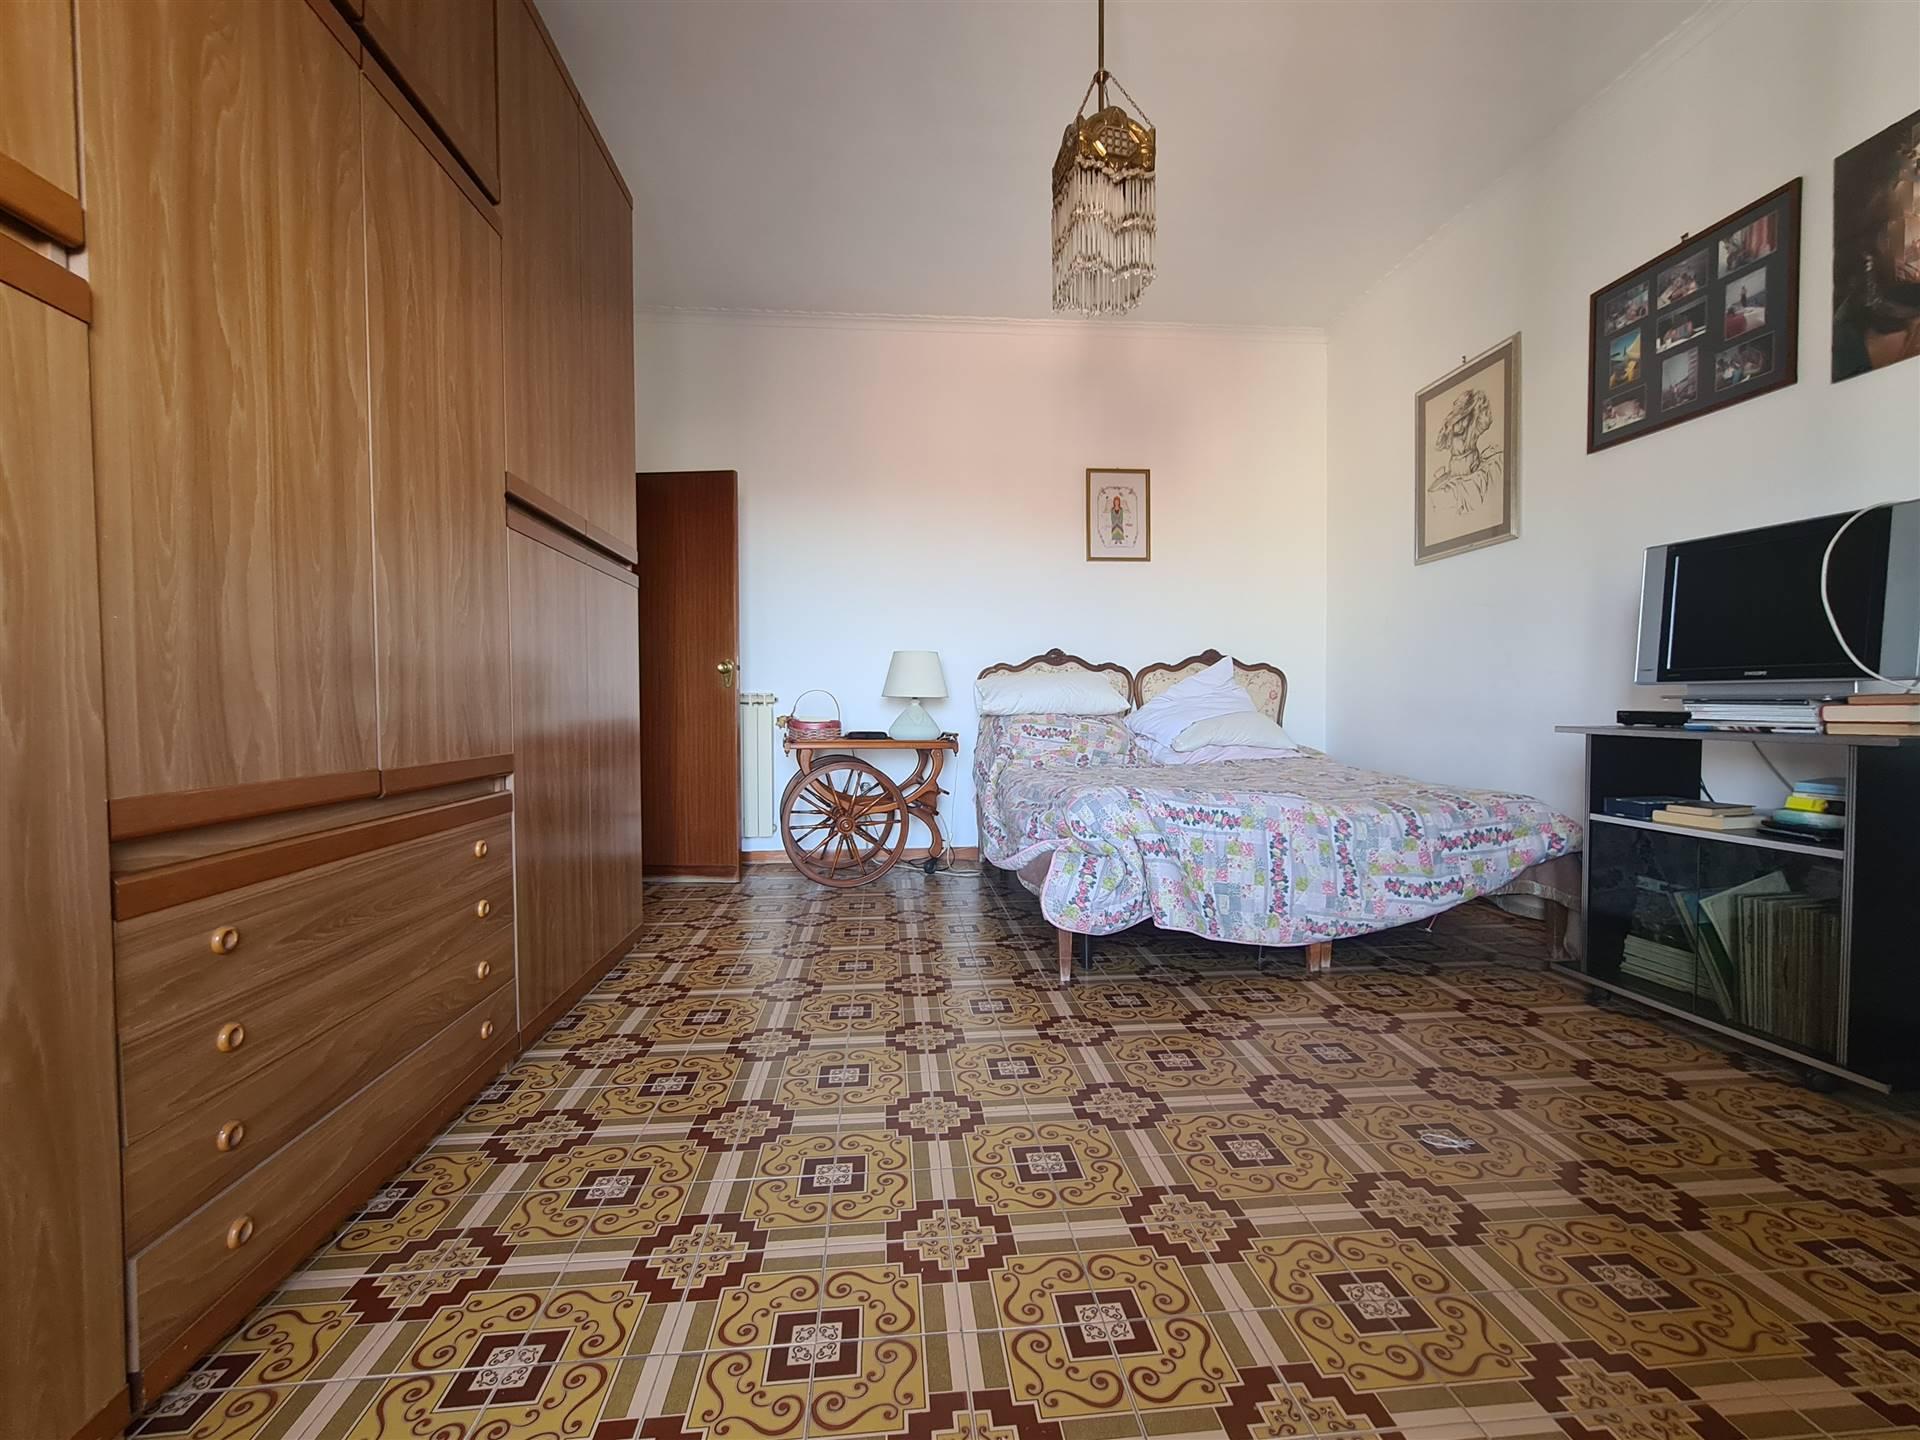 AV981B-Appartamento-SANTA-MARIA-CAPUA-VETERE-Via-Mazzocchi-